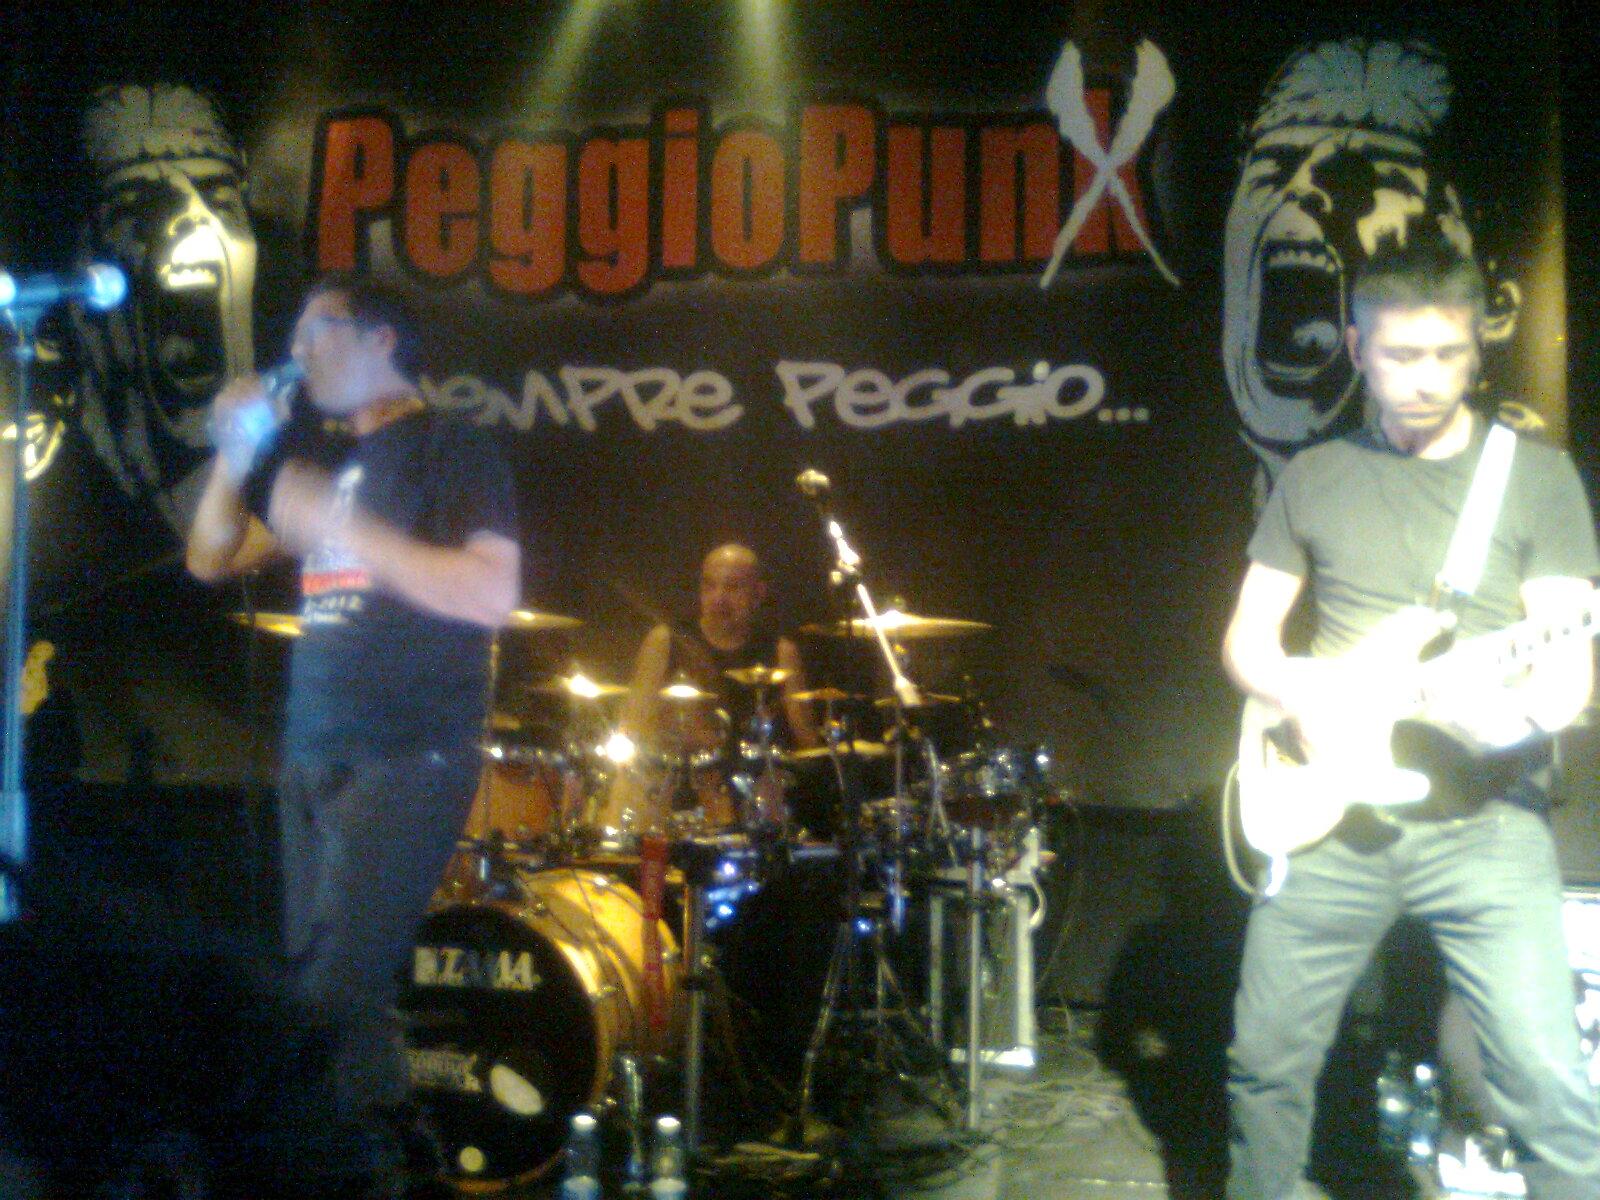 Peggio Punx - Immagini Di Sogno Represse Dentro Di Noi - Live '83-'87